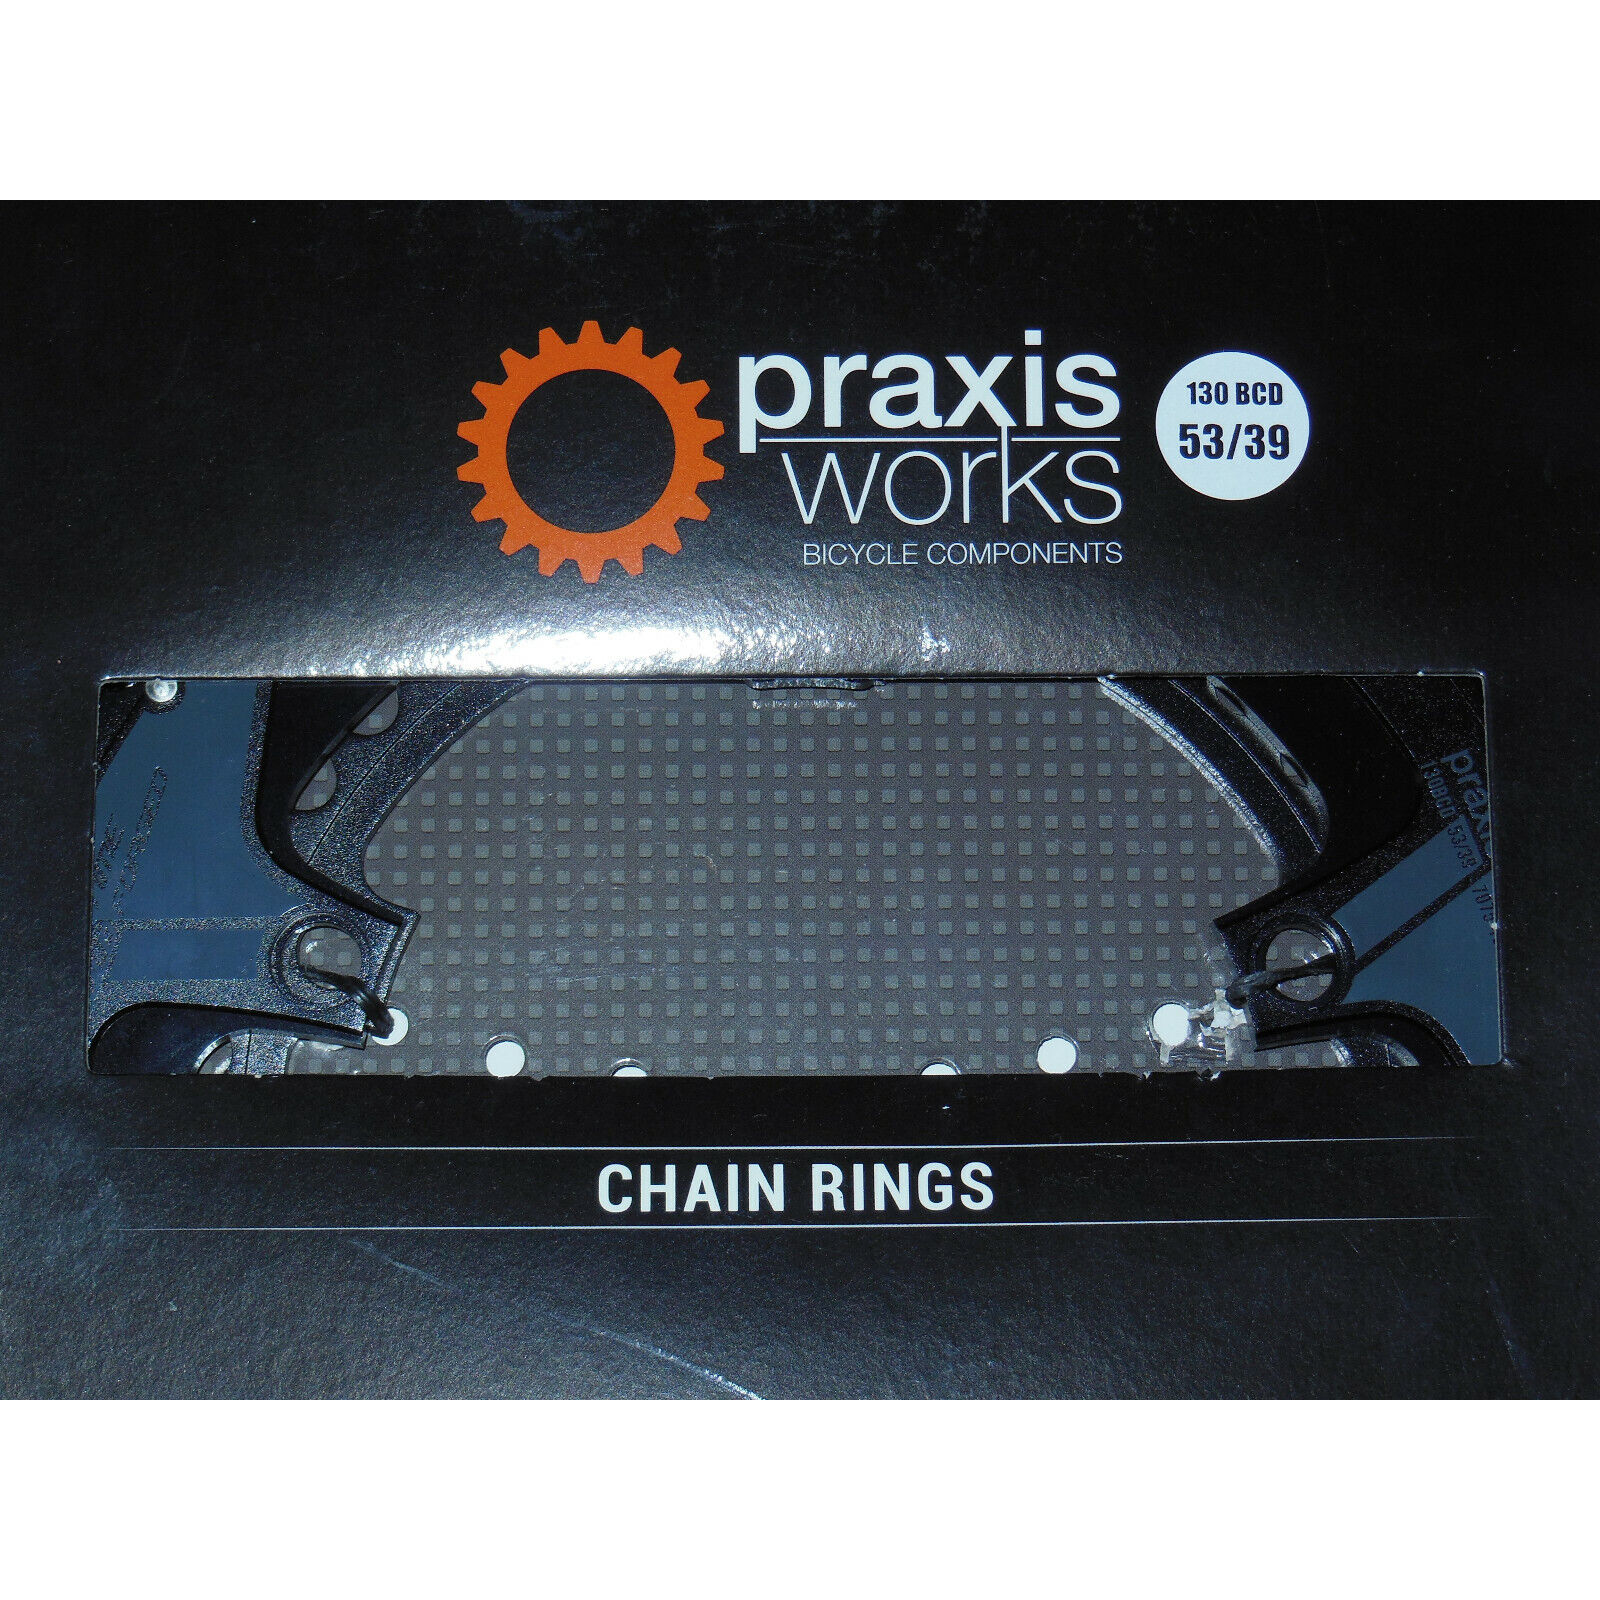 Nuevo Praxis Buzz levatime frío Forjado 53 39 estándar Plato Set Negro 130 dispositivo de control de flotabilidad